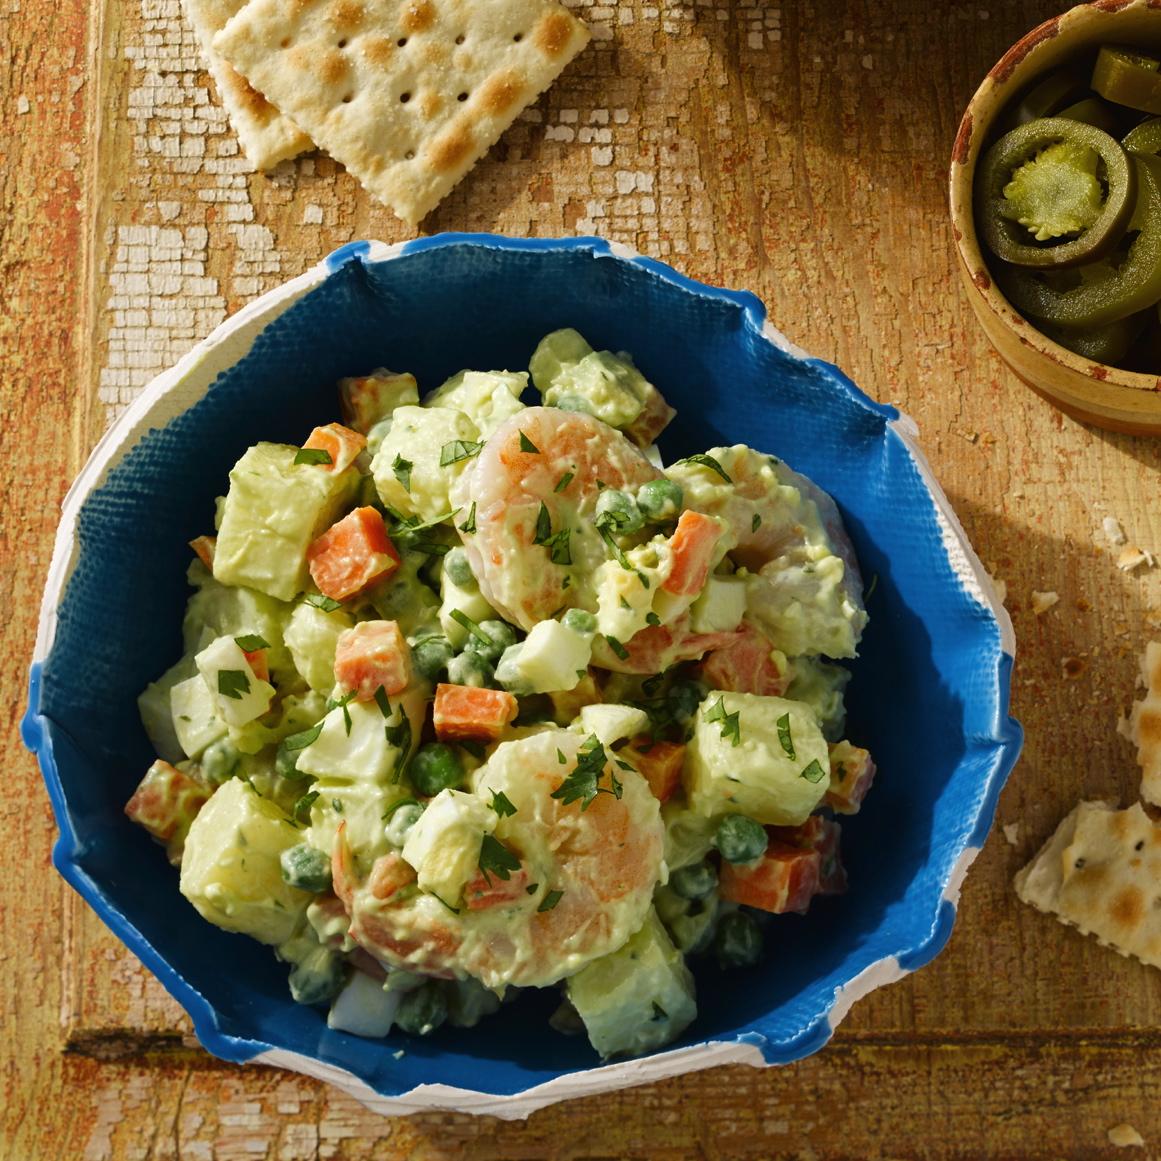 Ensalada de papa (patata) y camarón con mayonesa de aguacate